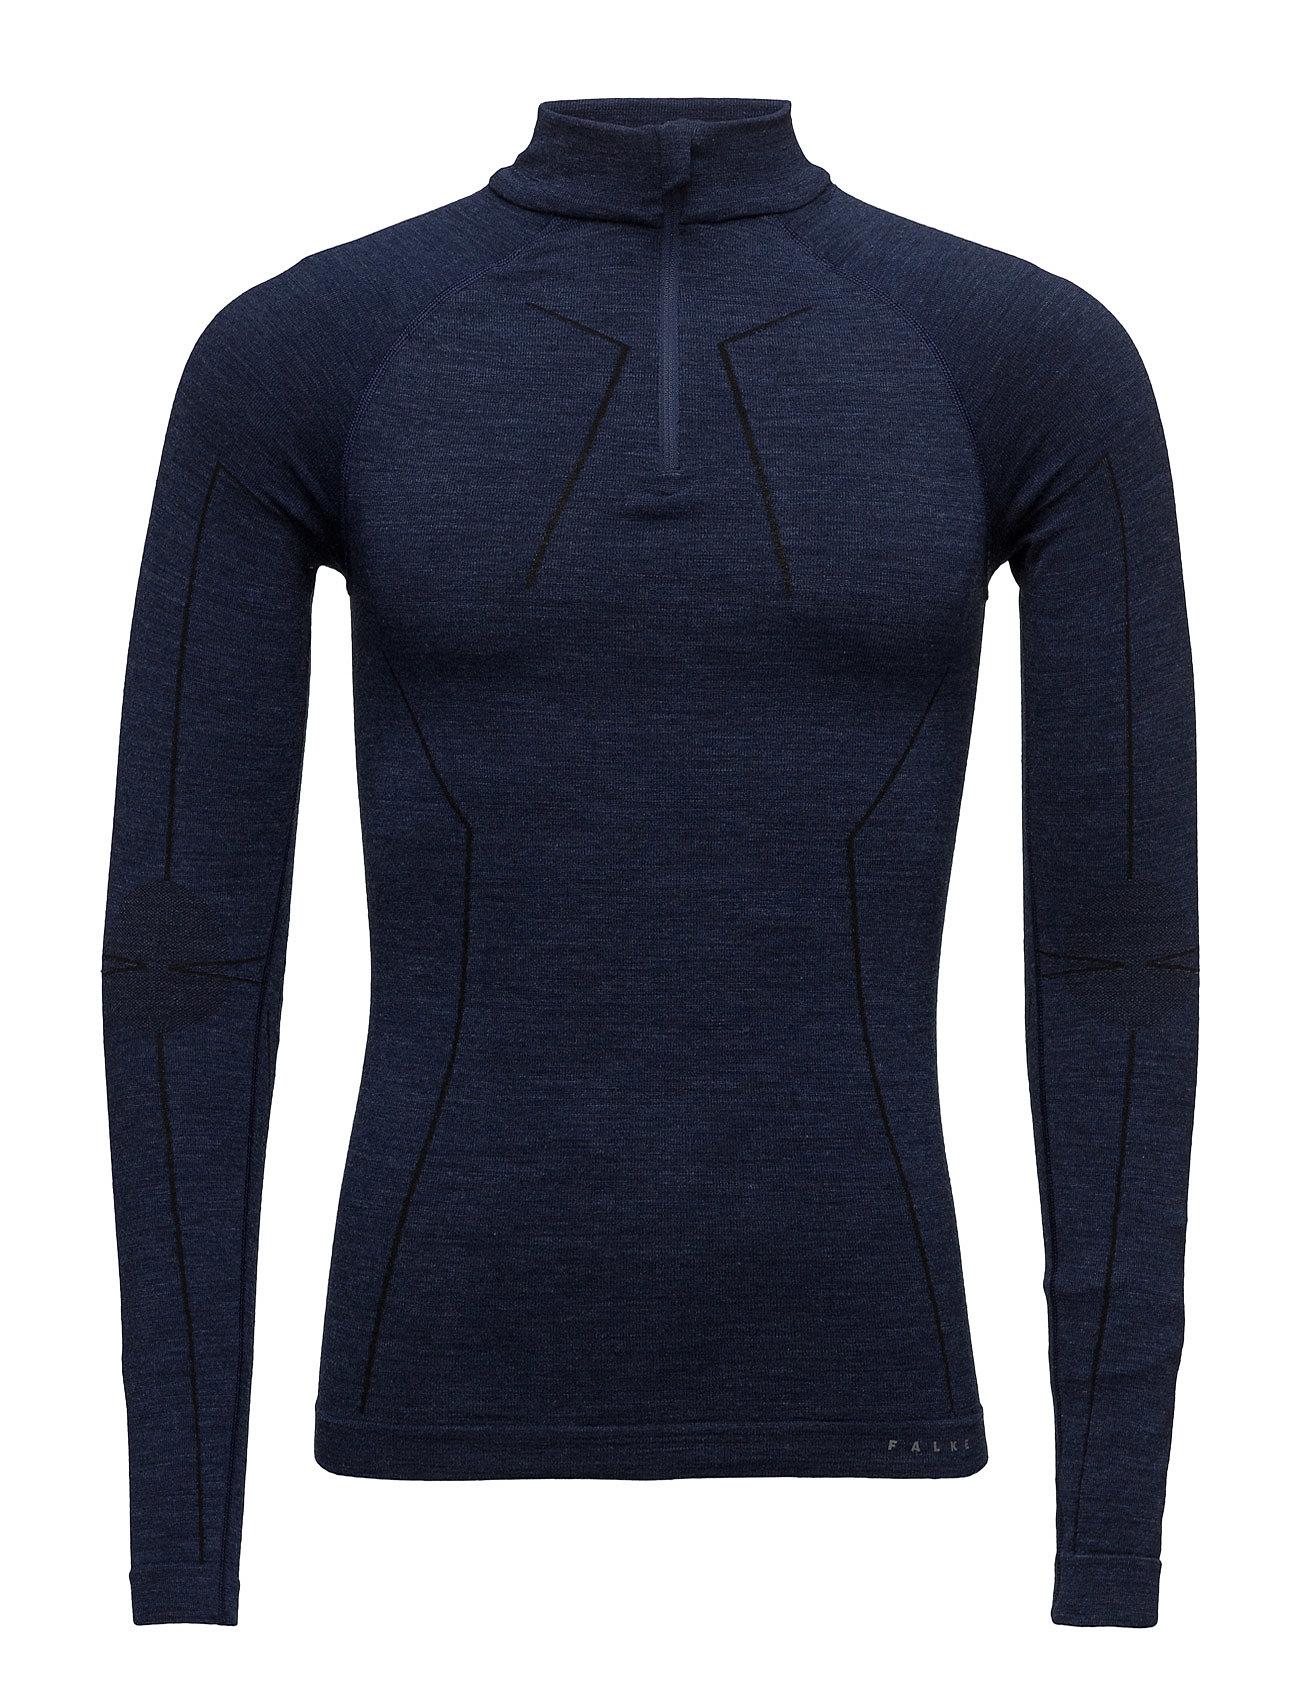 Wt Zip Shirt M Falke Sport Sports toppe til Herrer i Mørk nat